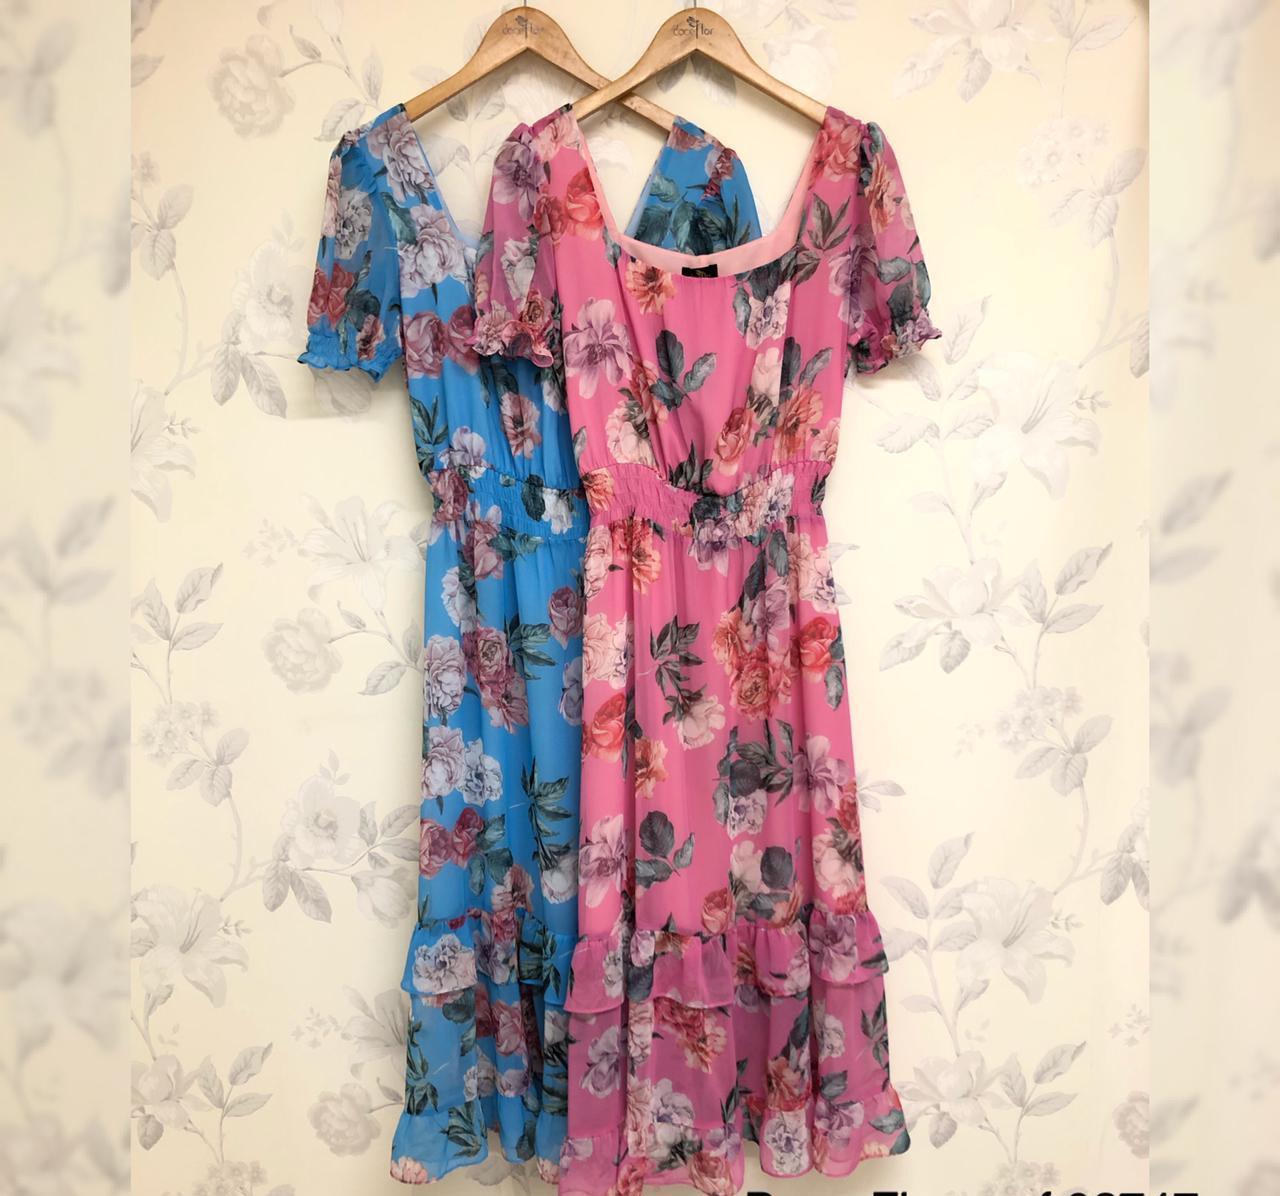 Vestido Karen Midi Crepe Floral (Forro) Detalhe Decote Quadrado Babados